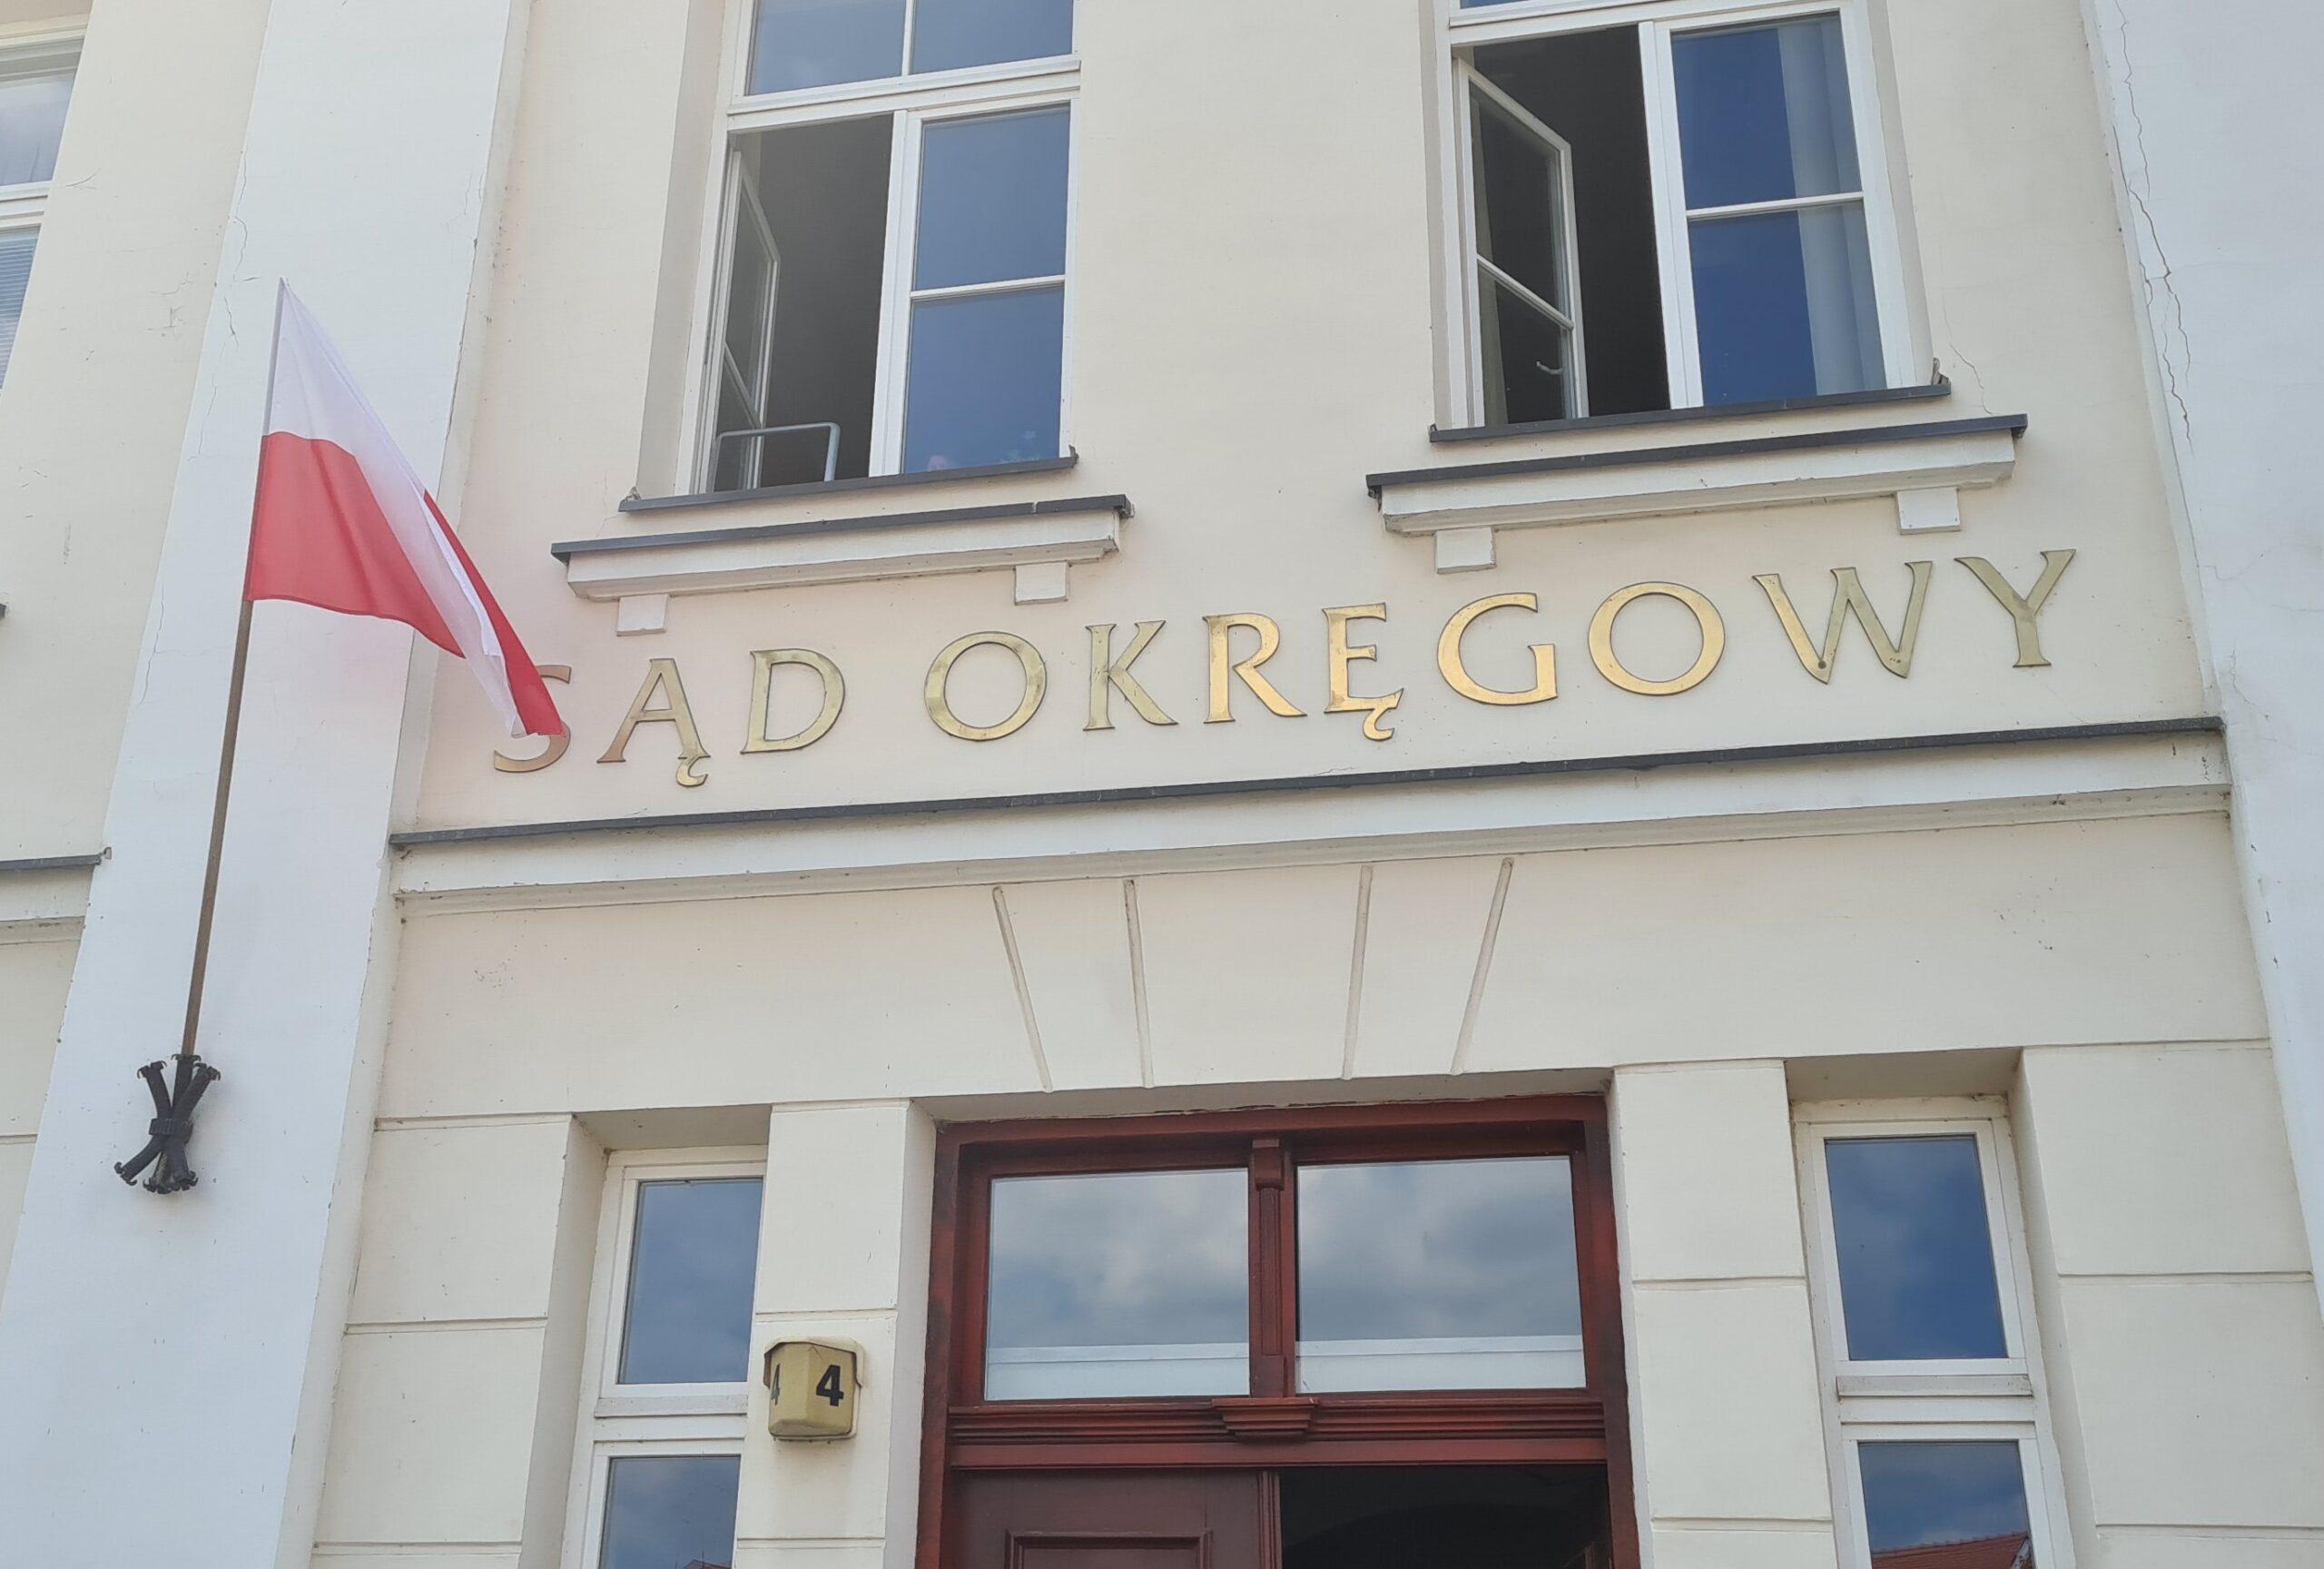 Sąd Okręgowy w Płocku budynek fot. Marzena Błaszczyk